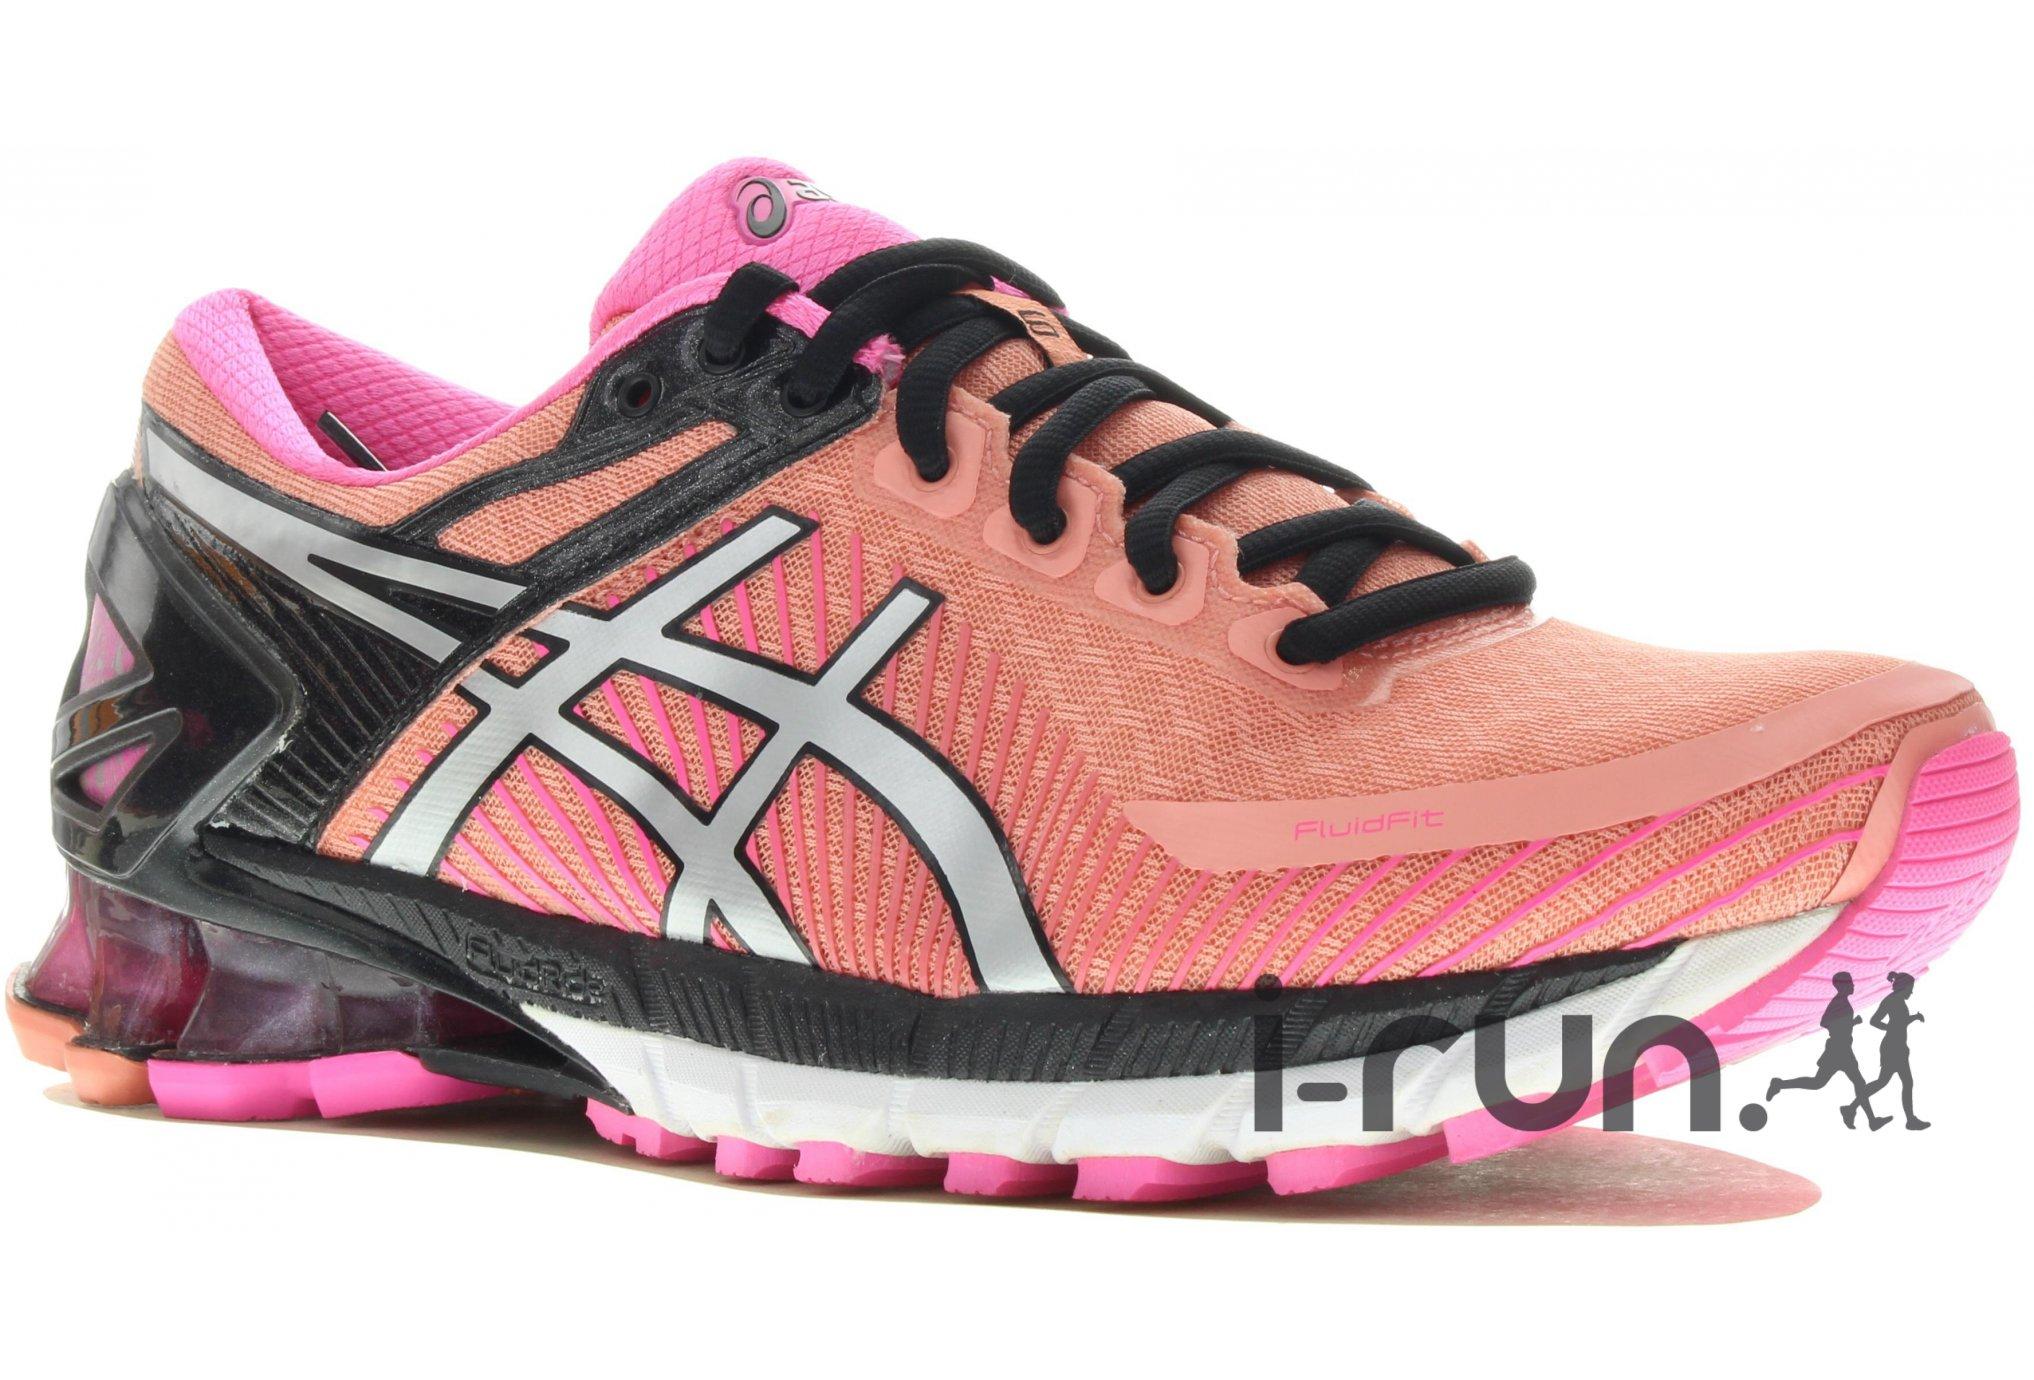 Asics GEL-Kinsei 6 W Chaussures running femme